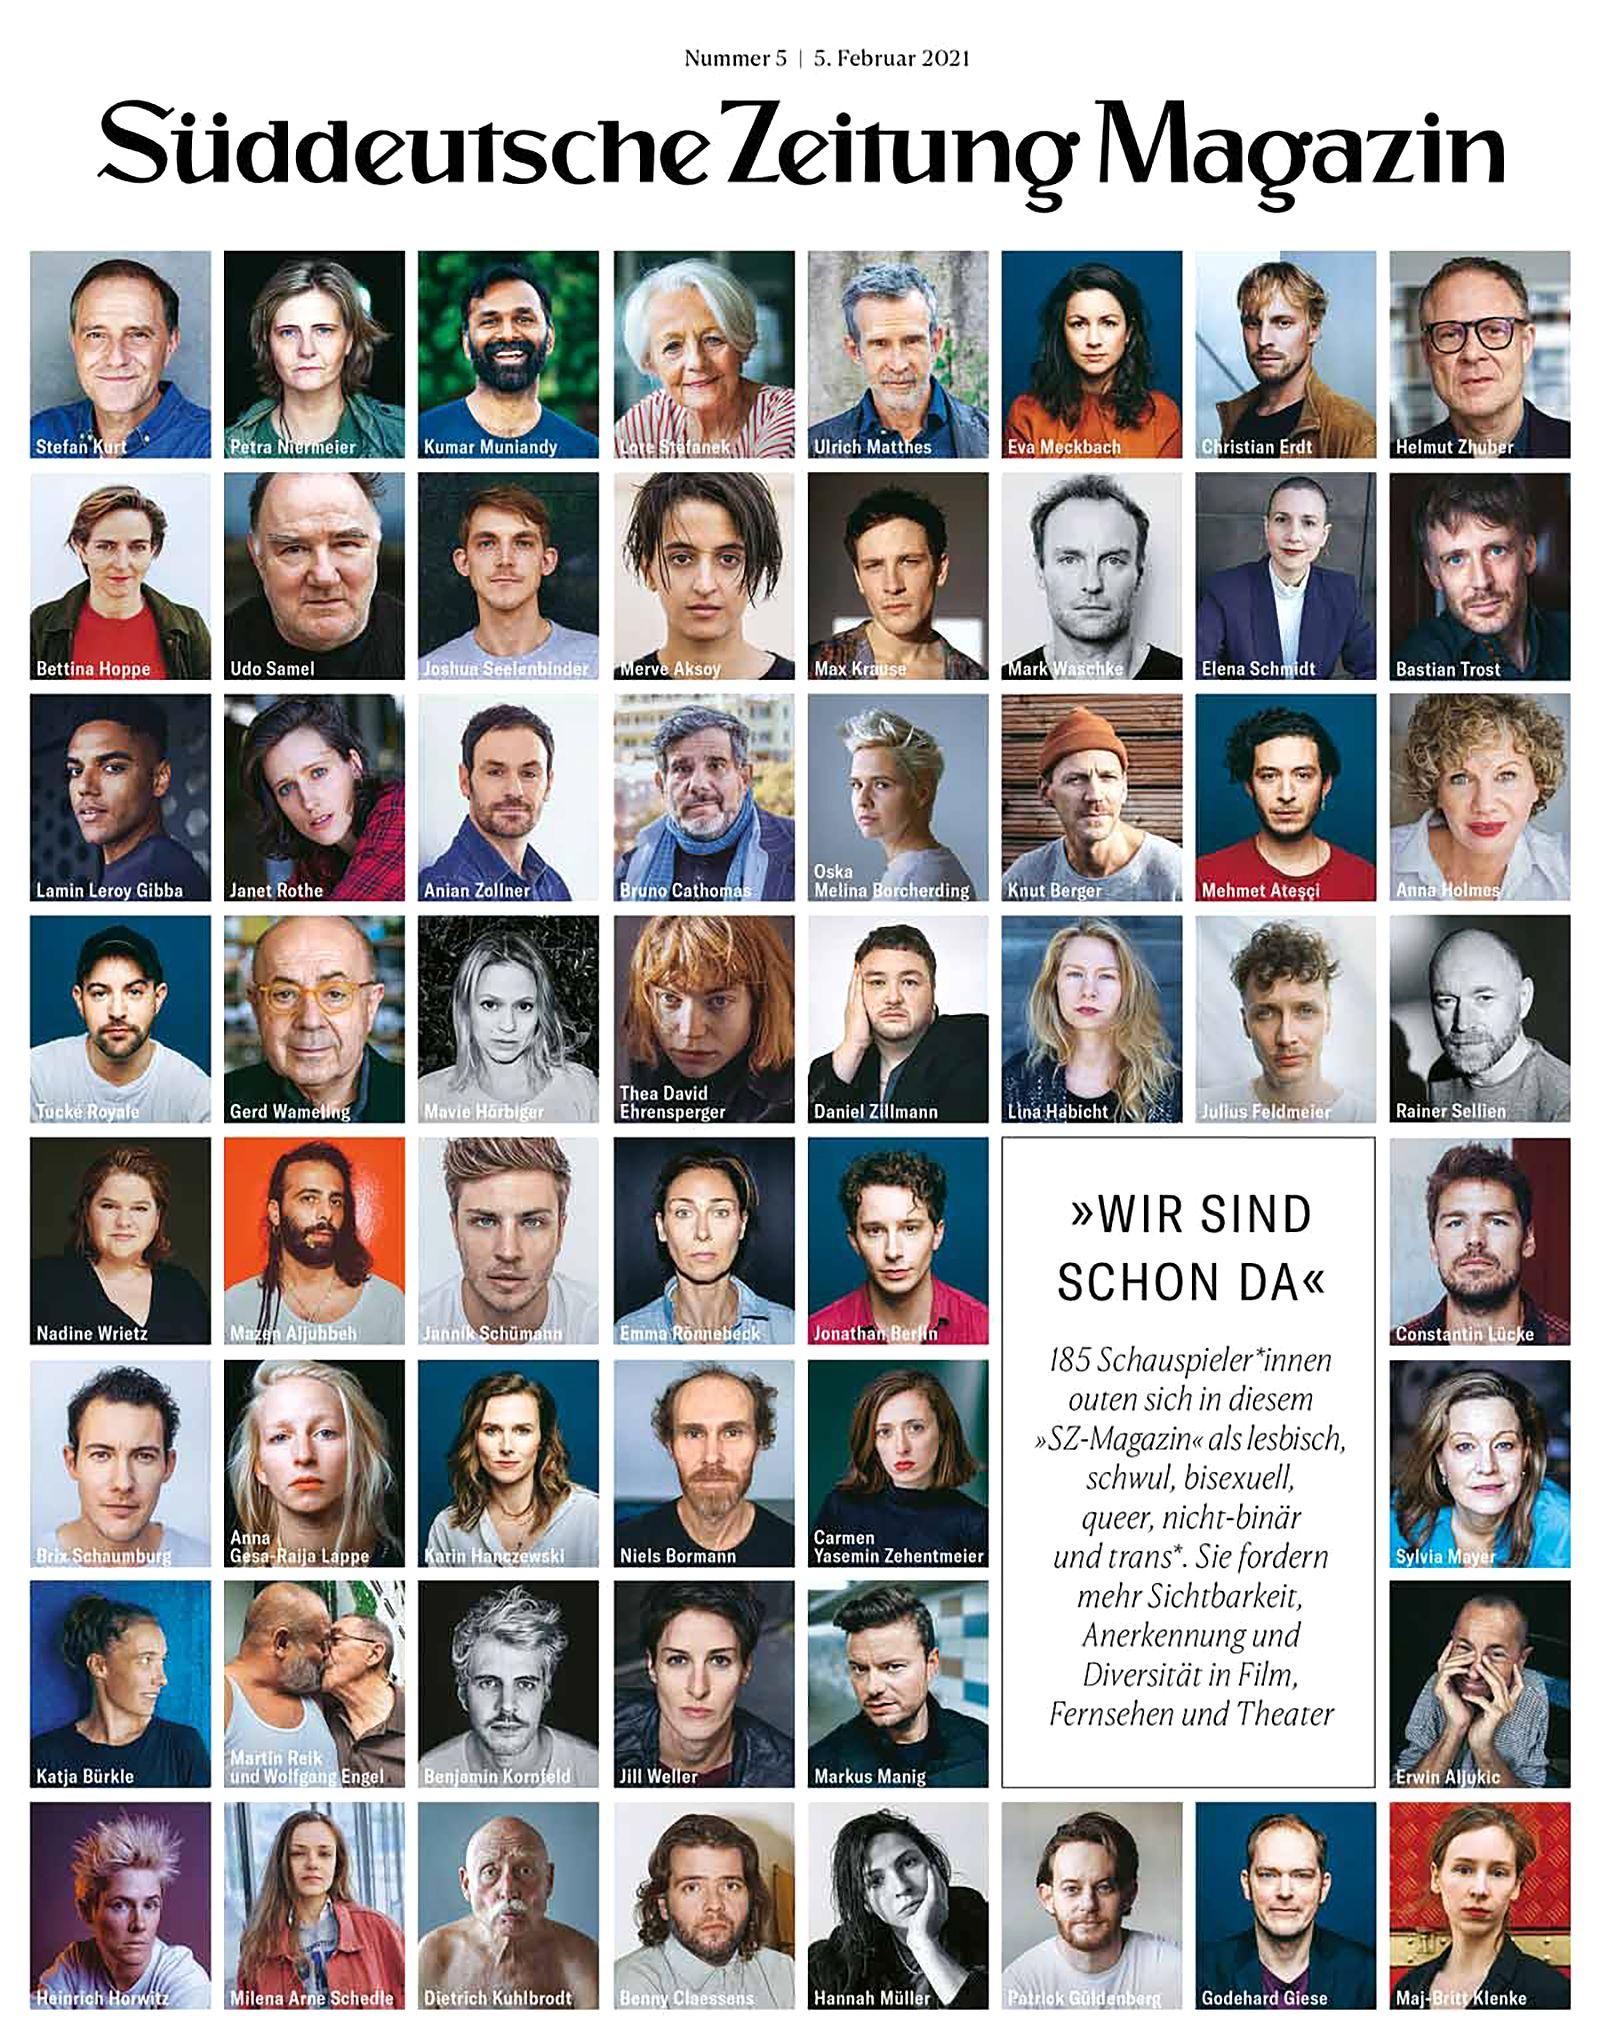 SZ-Magazin 5/2021 Actout COVER